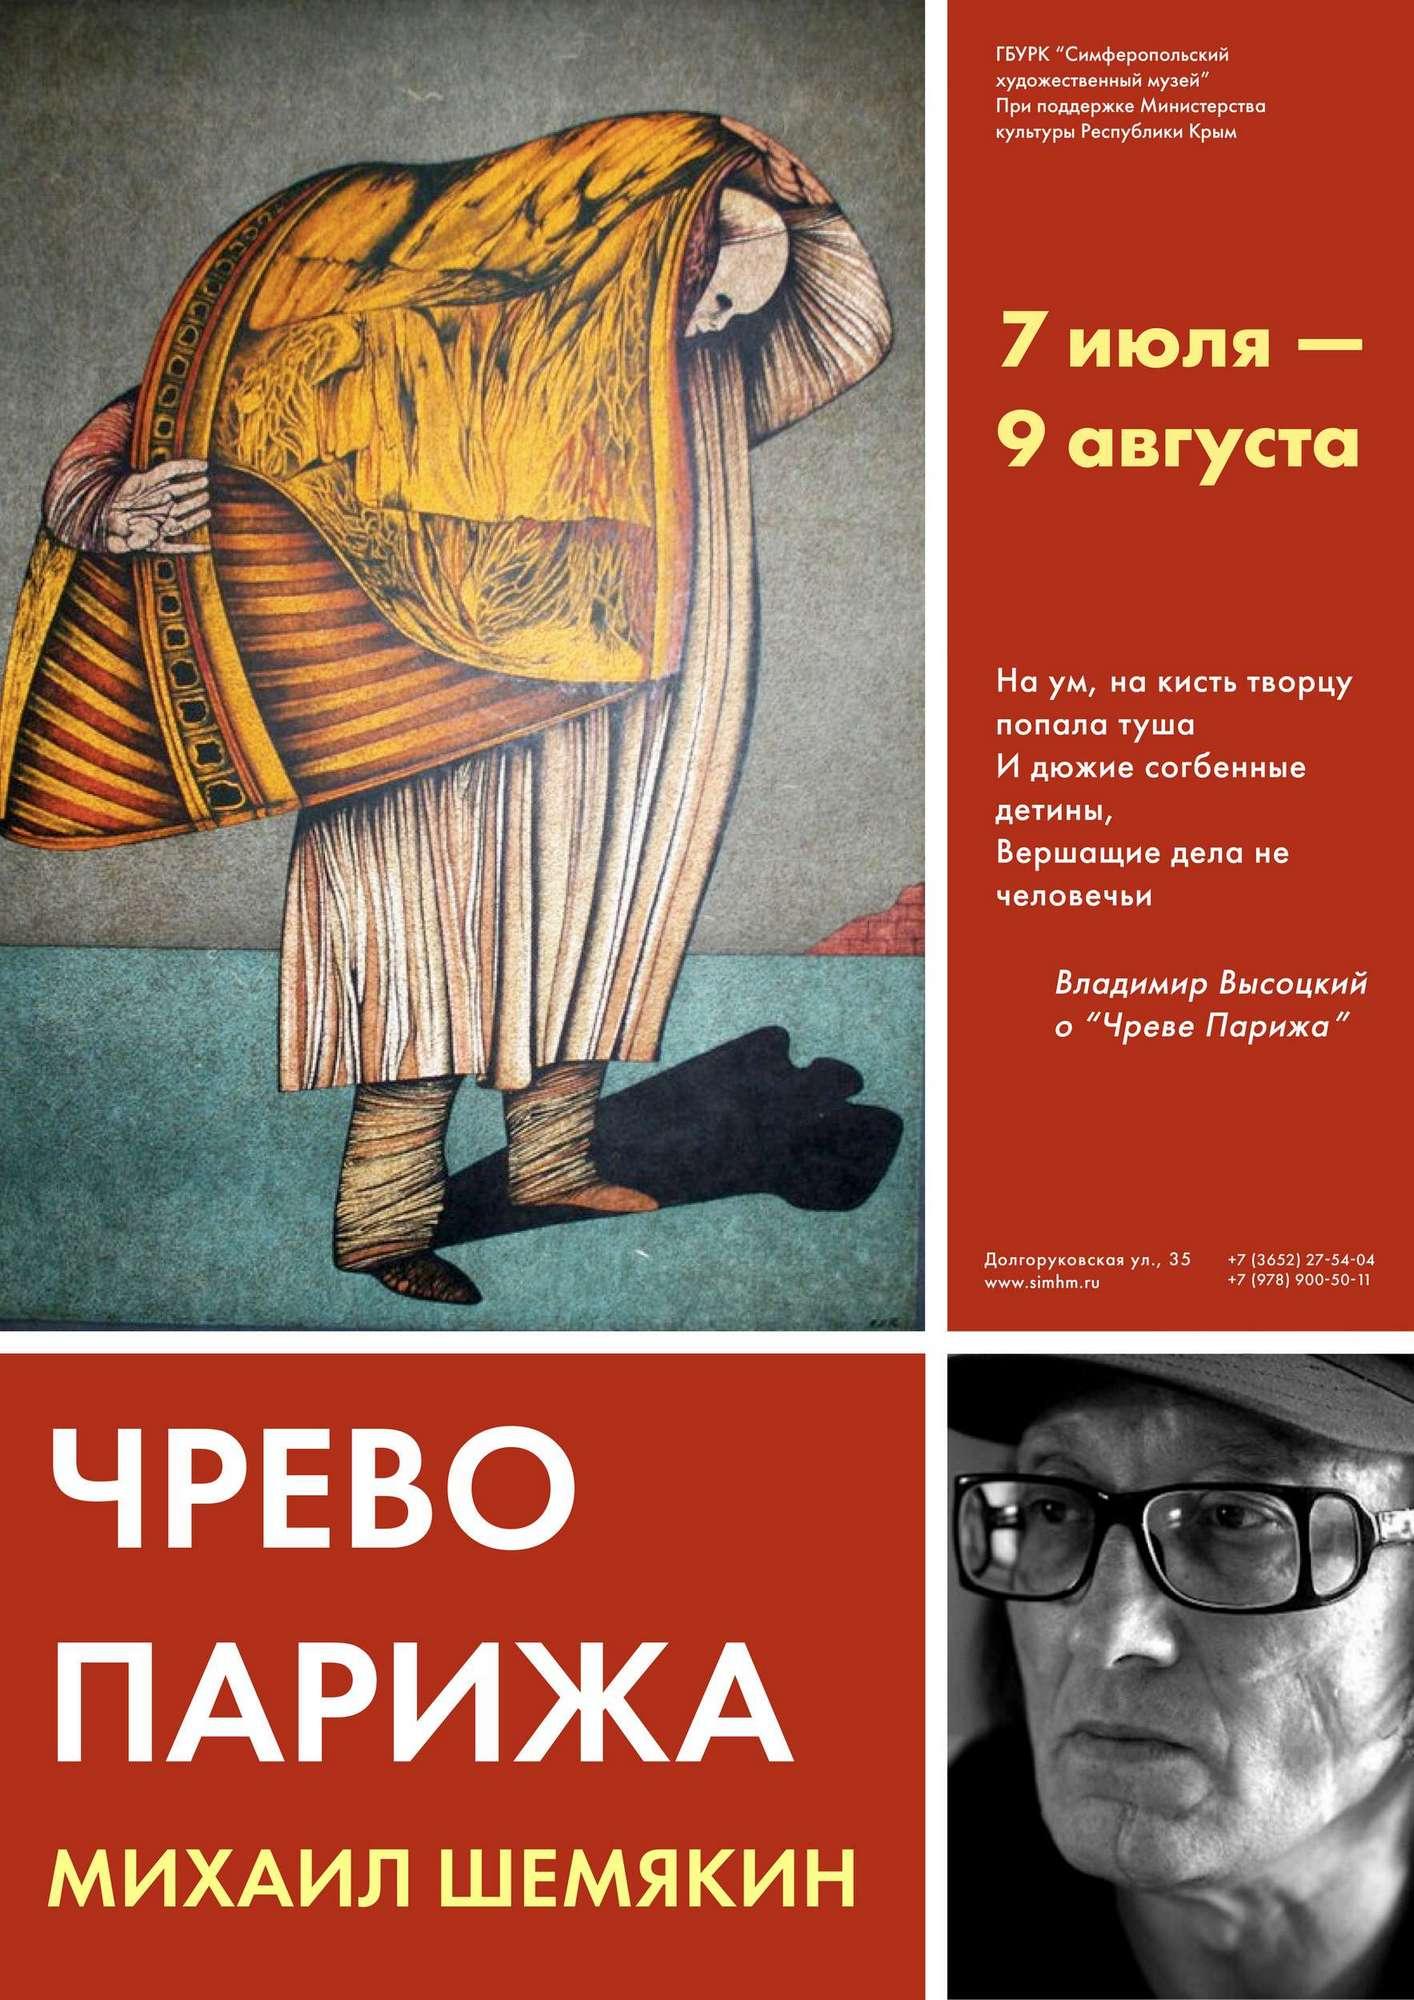 Выставка Михаила Шемякина Чрево Парижа в Симферополе, Крым, 2020